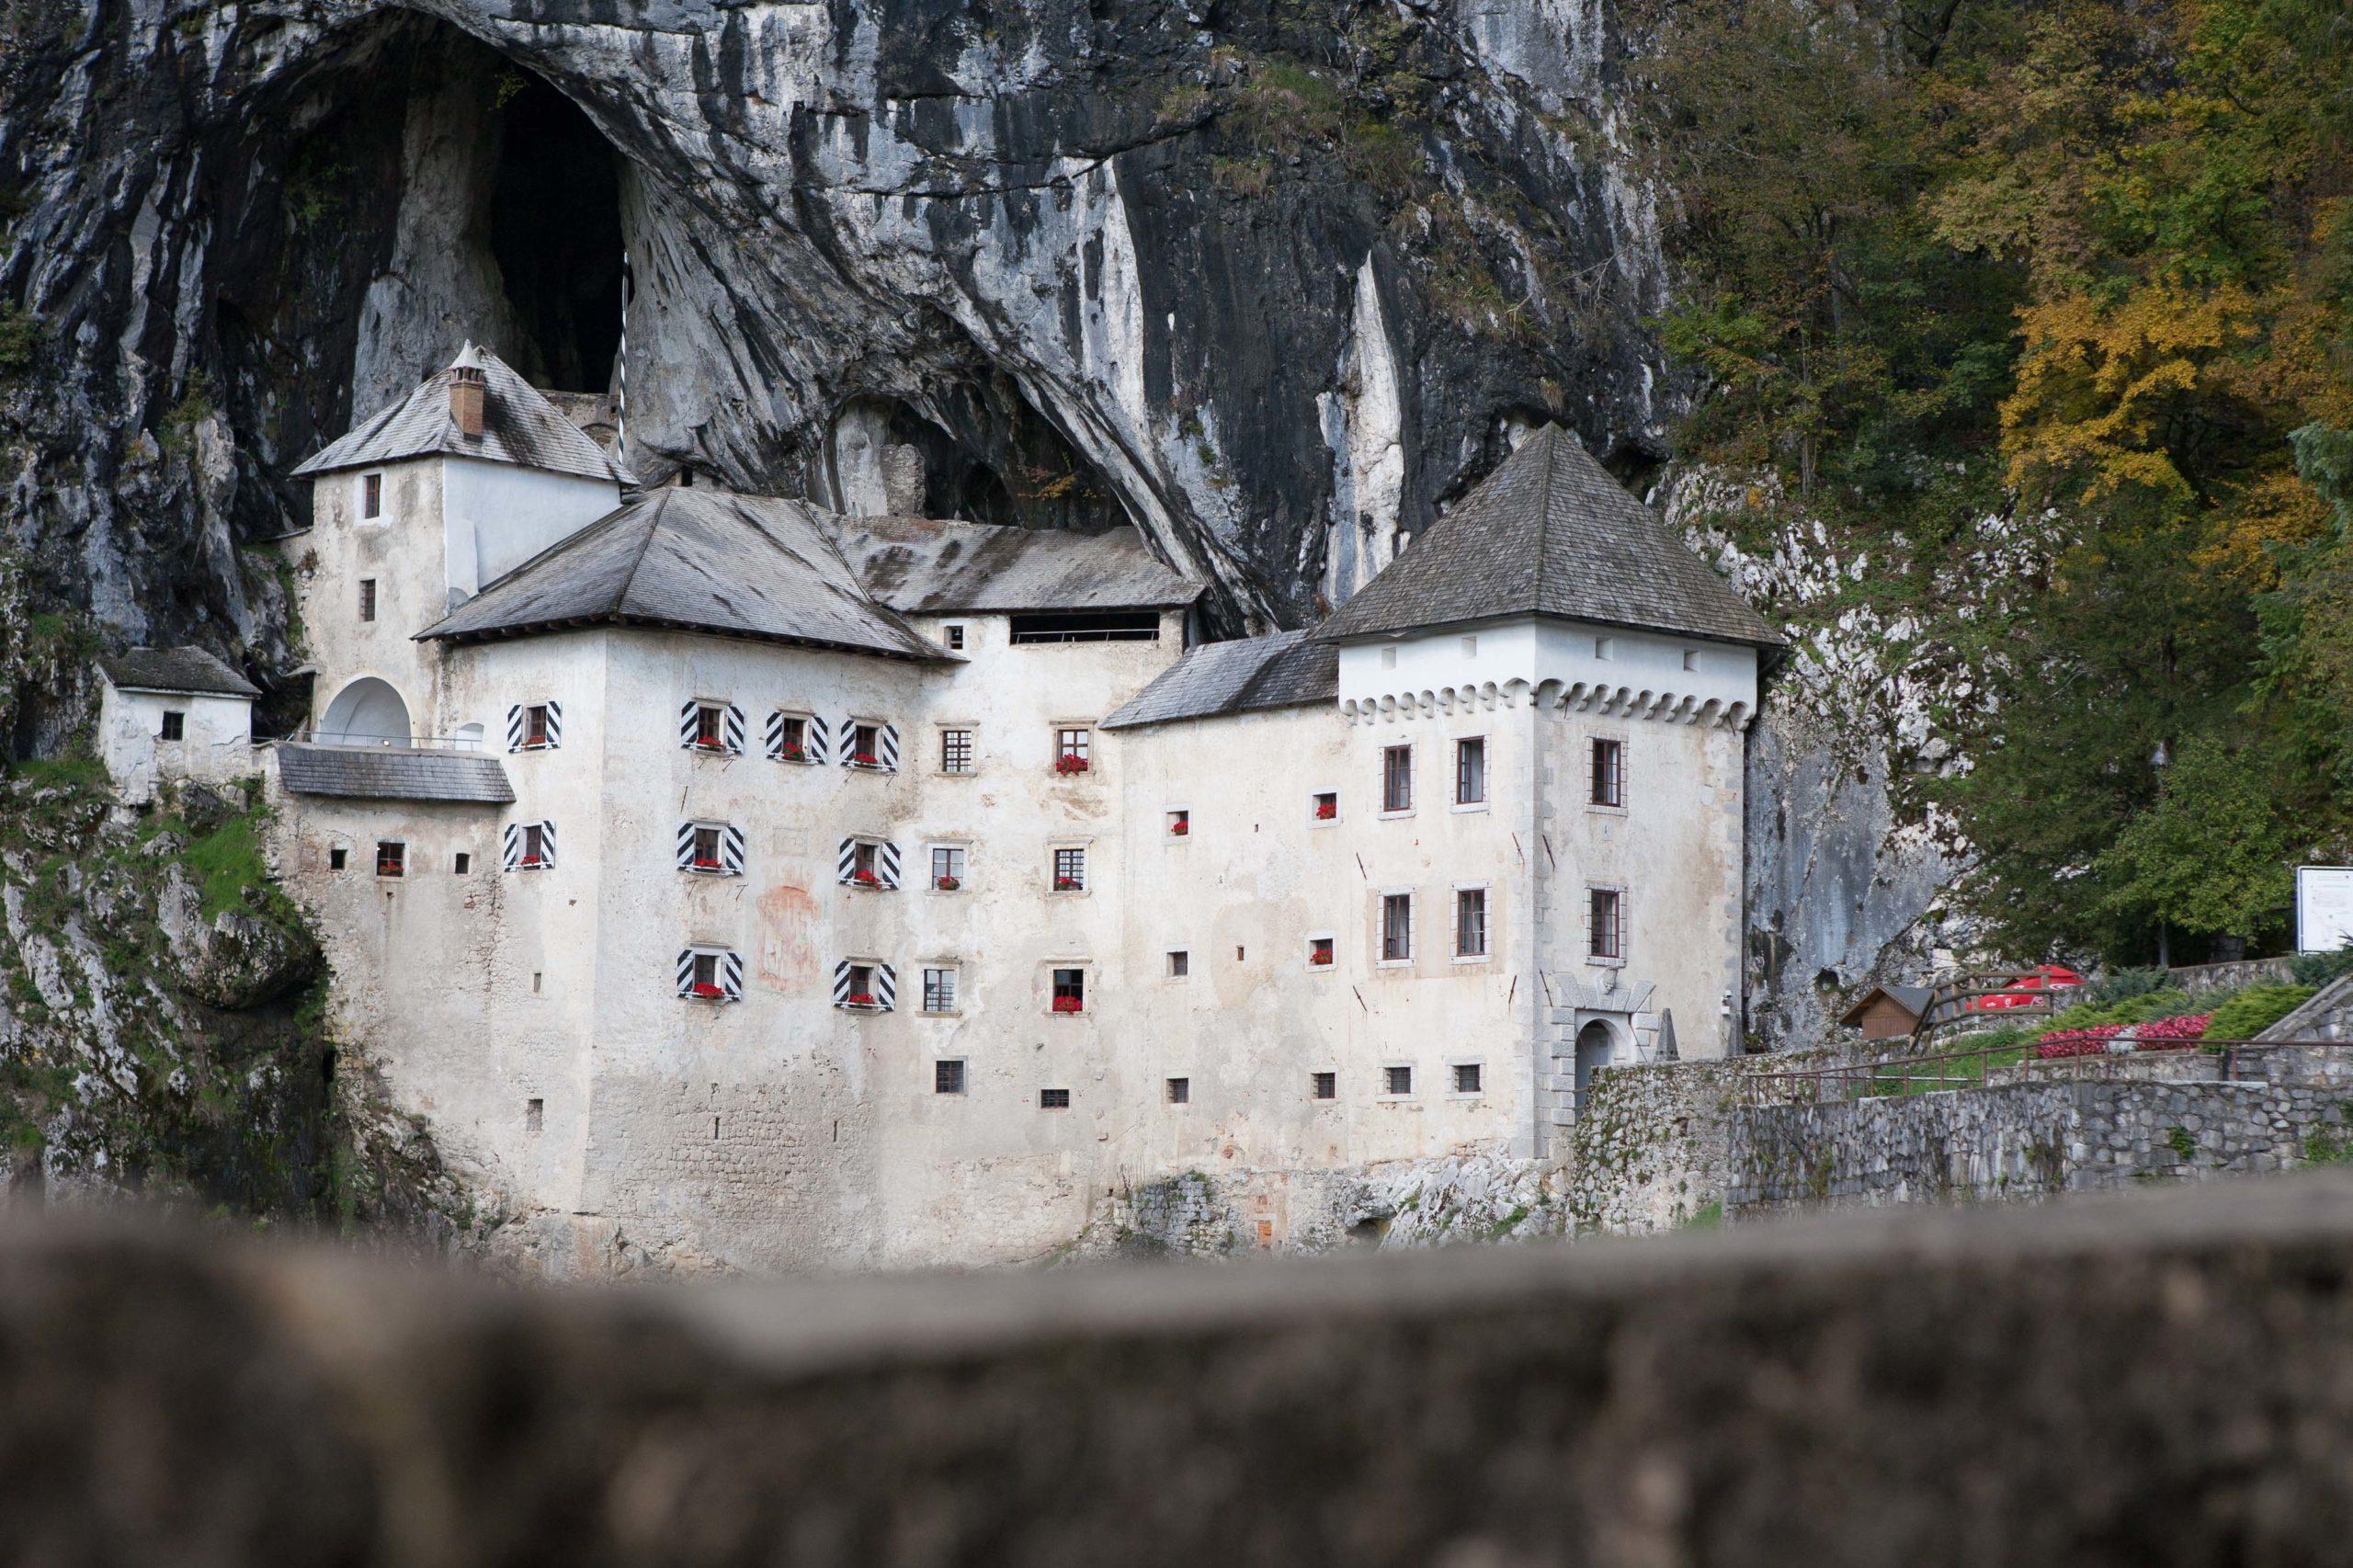 Prejama kasteel, Slovenie